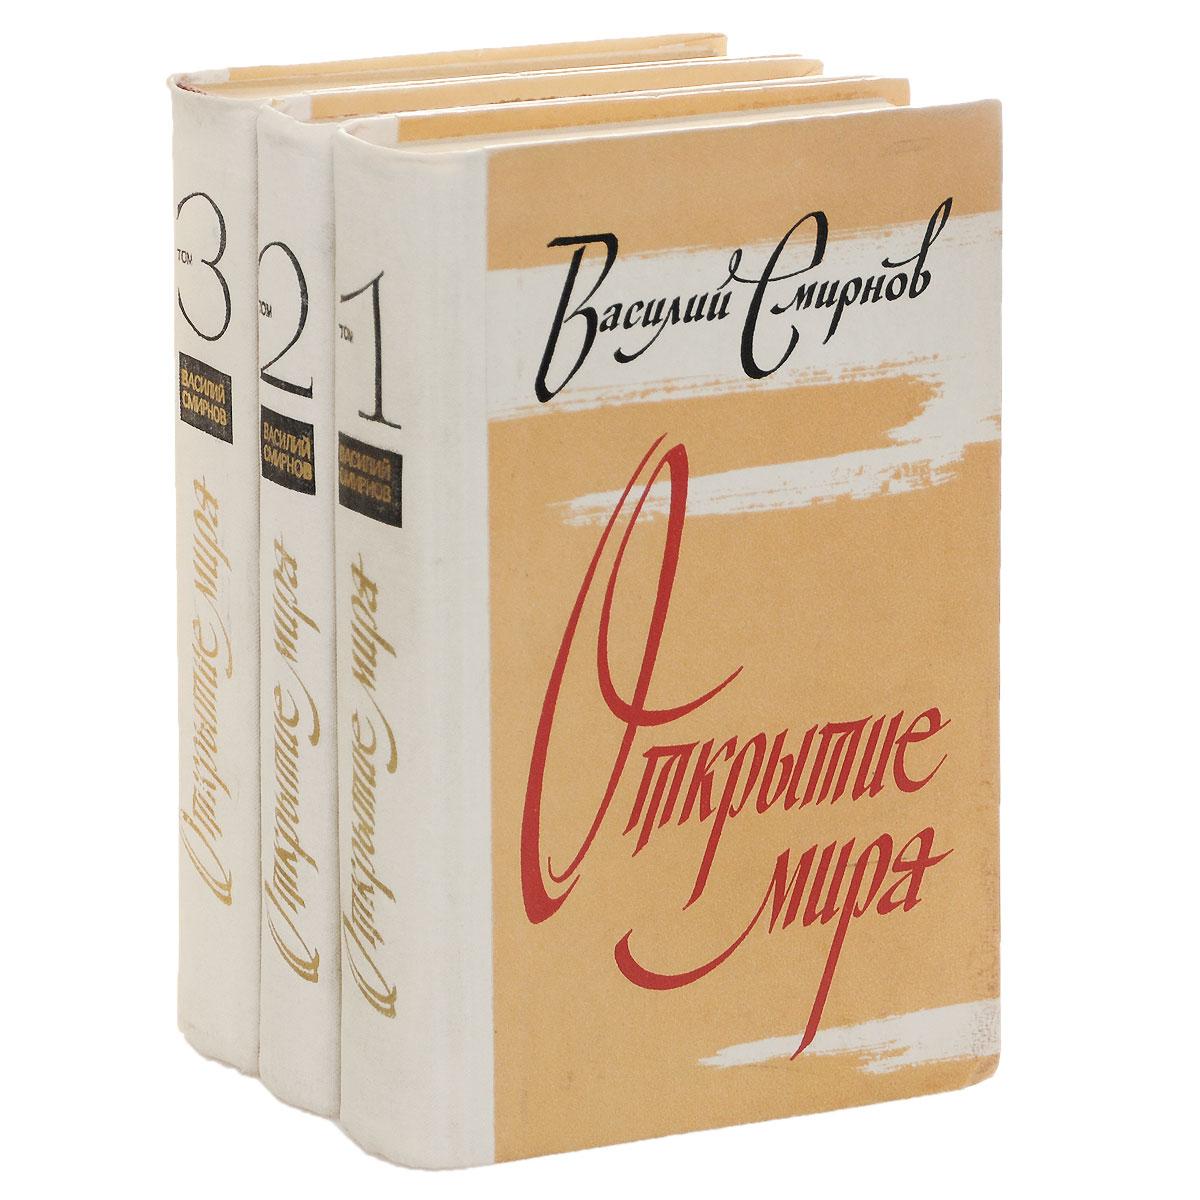 Василий Смирнов Открытие мира. В 3 томах (комплект) василий смирнов открытие мира